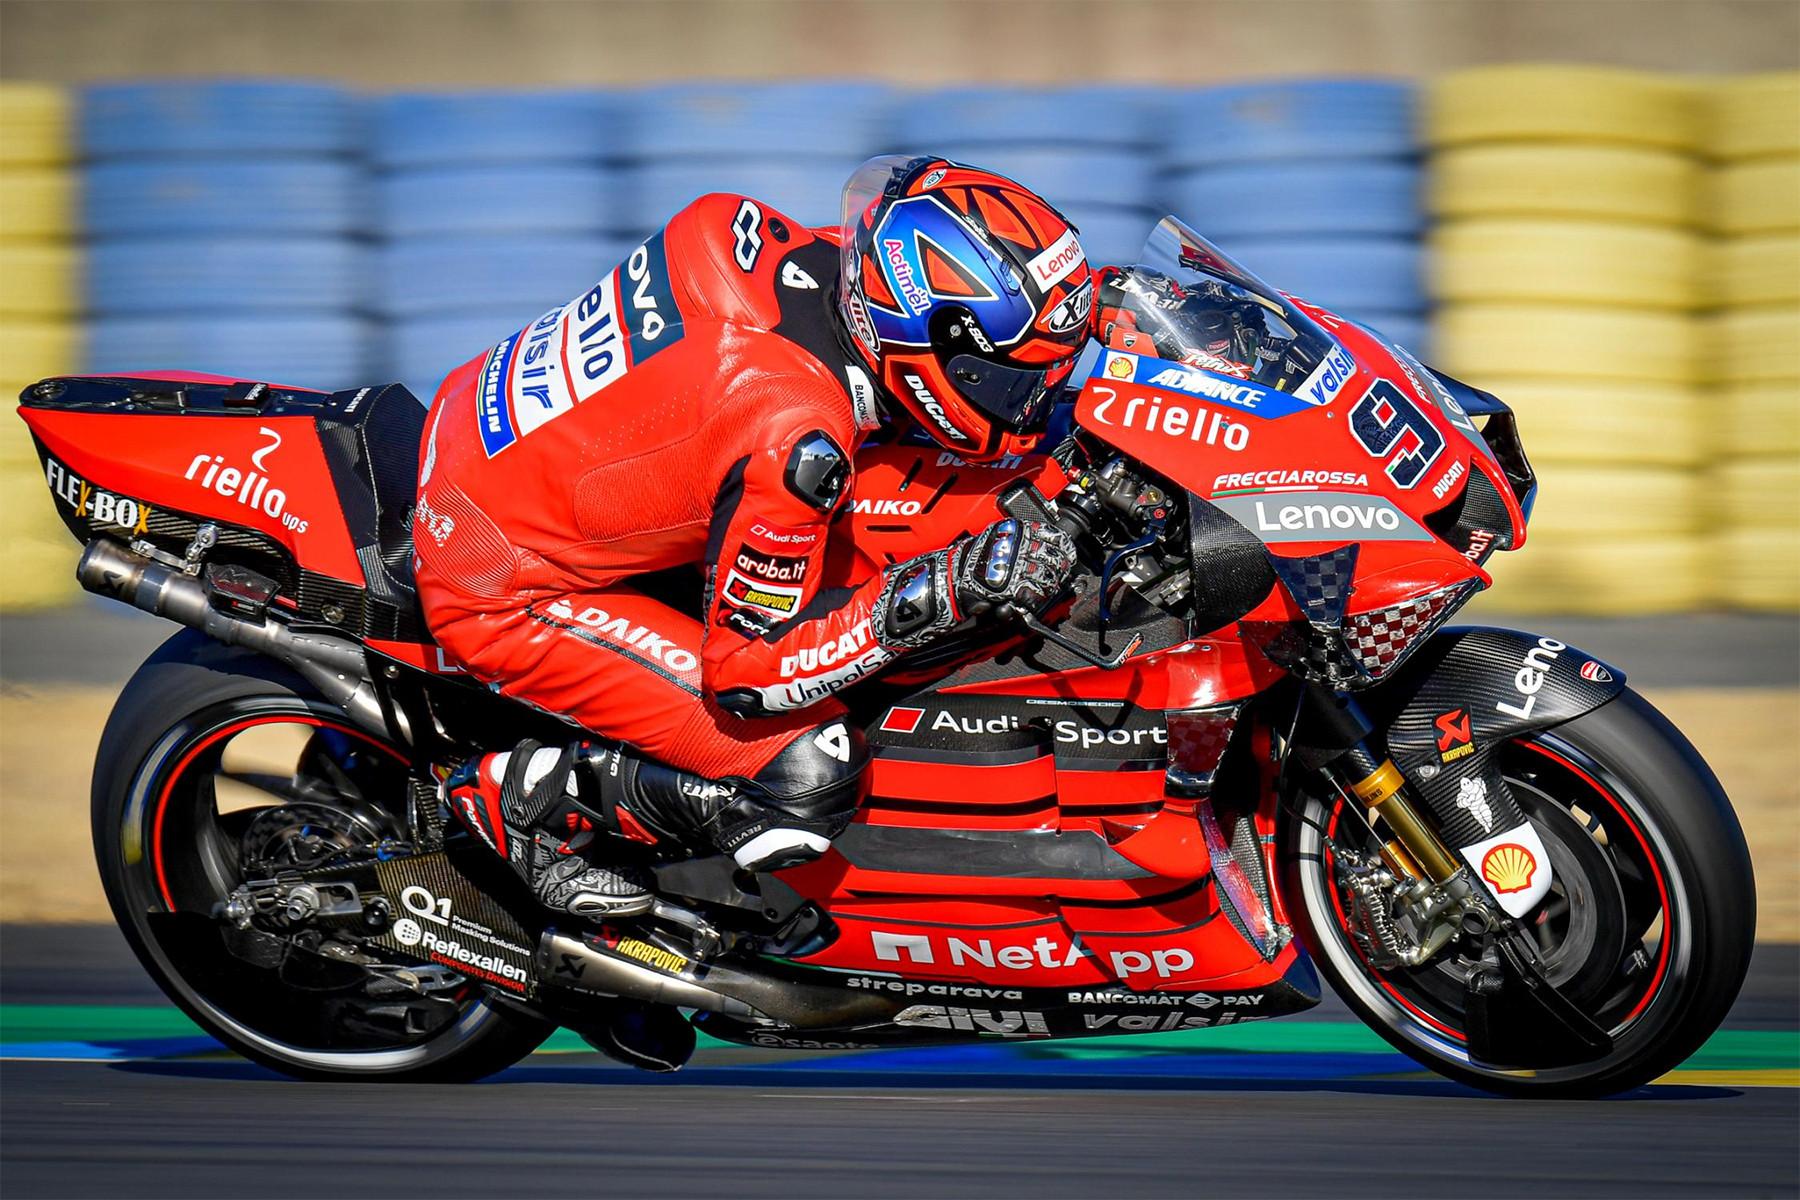 Cek Starting Grid MotoGP Prancis di Sini, Lihat Juga Klasemen Sementara - JPNN.com